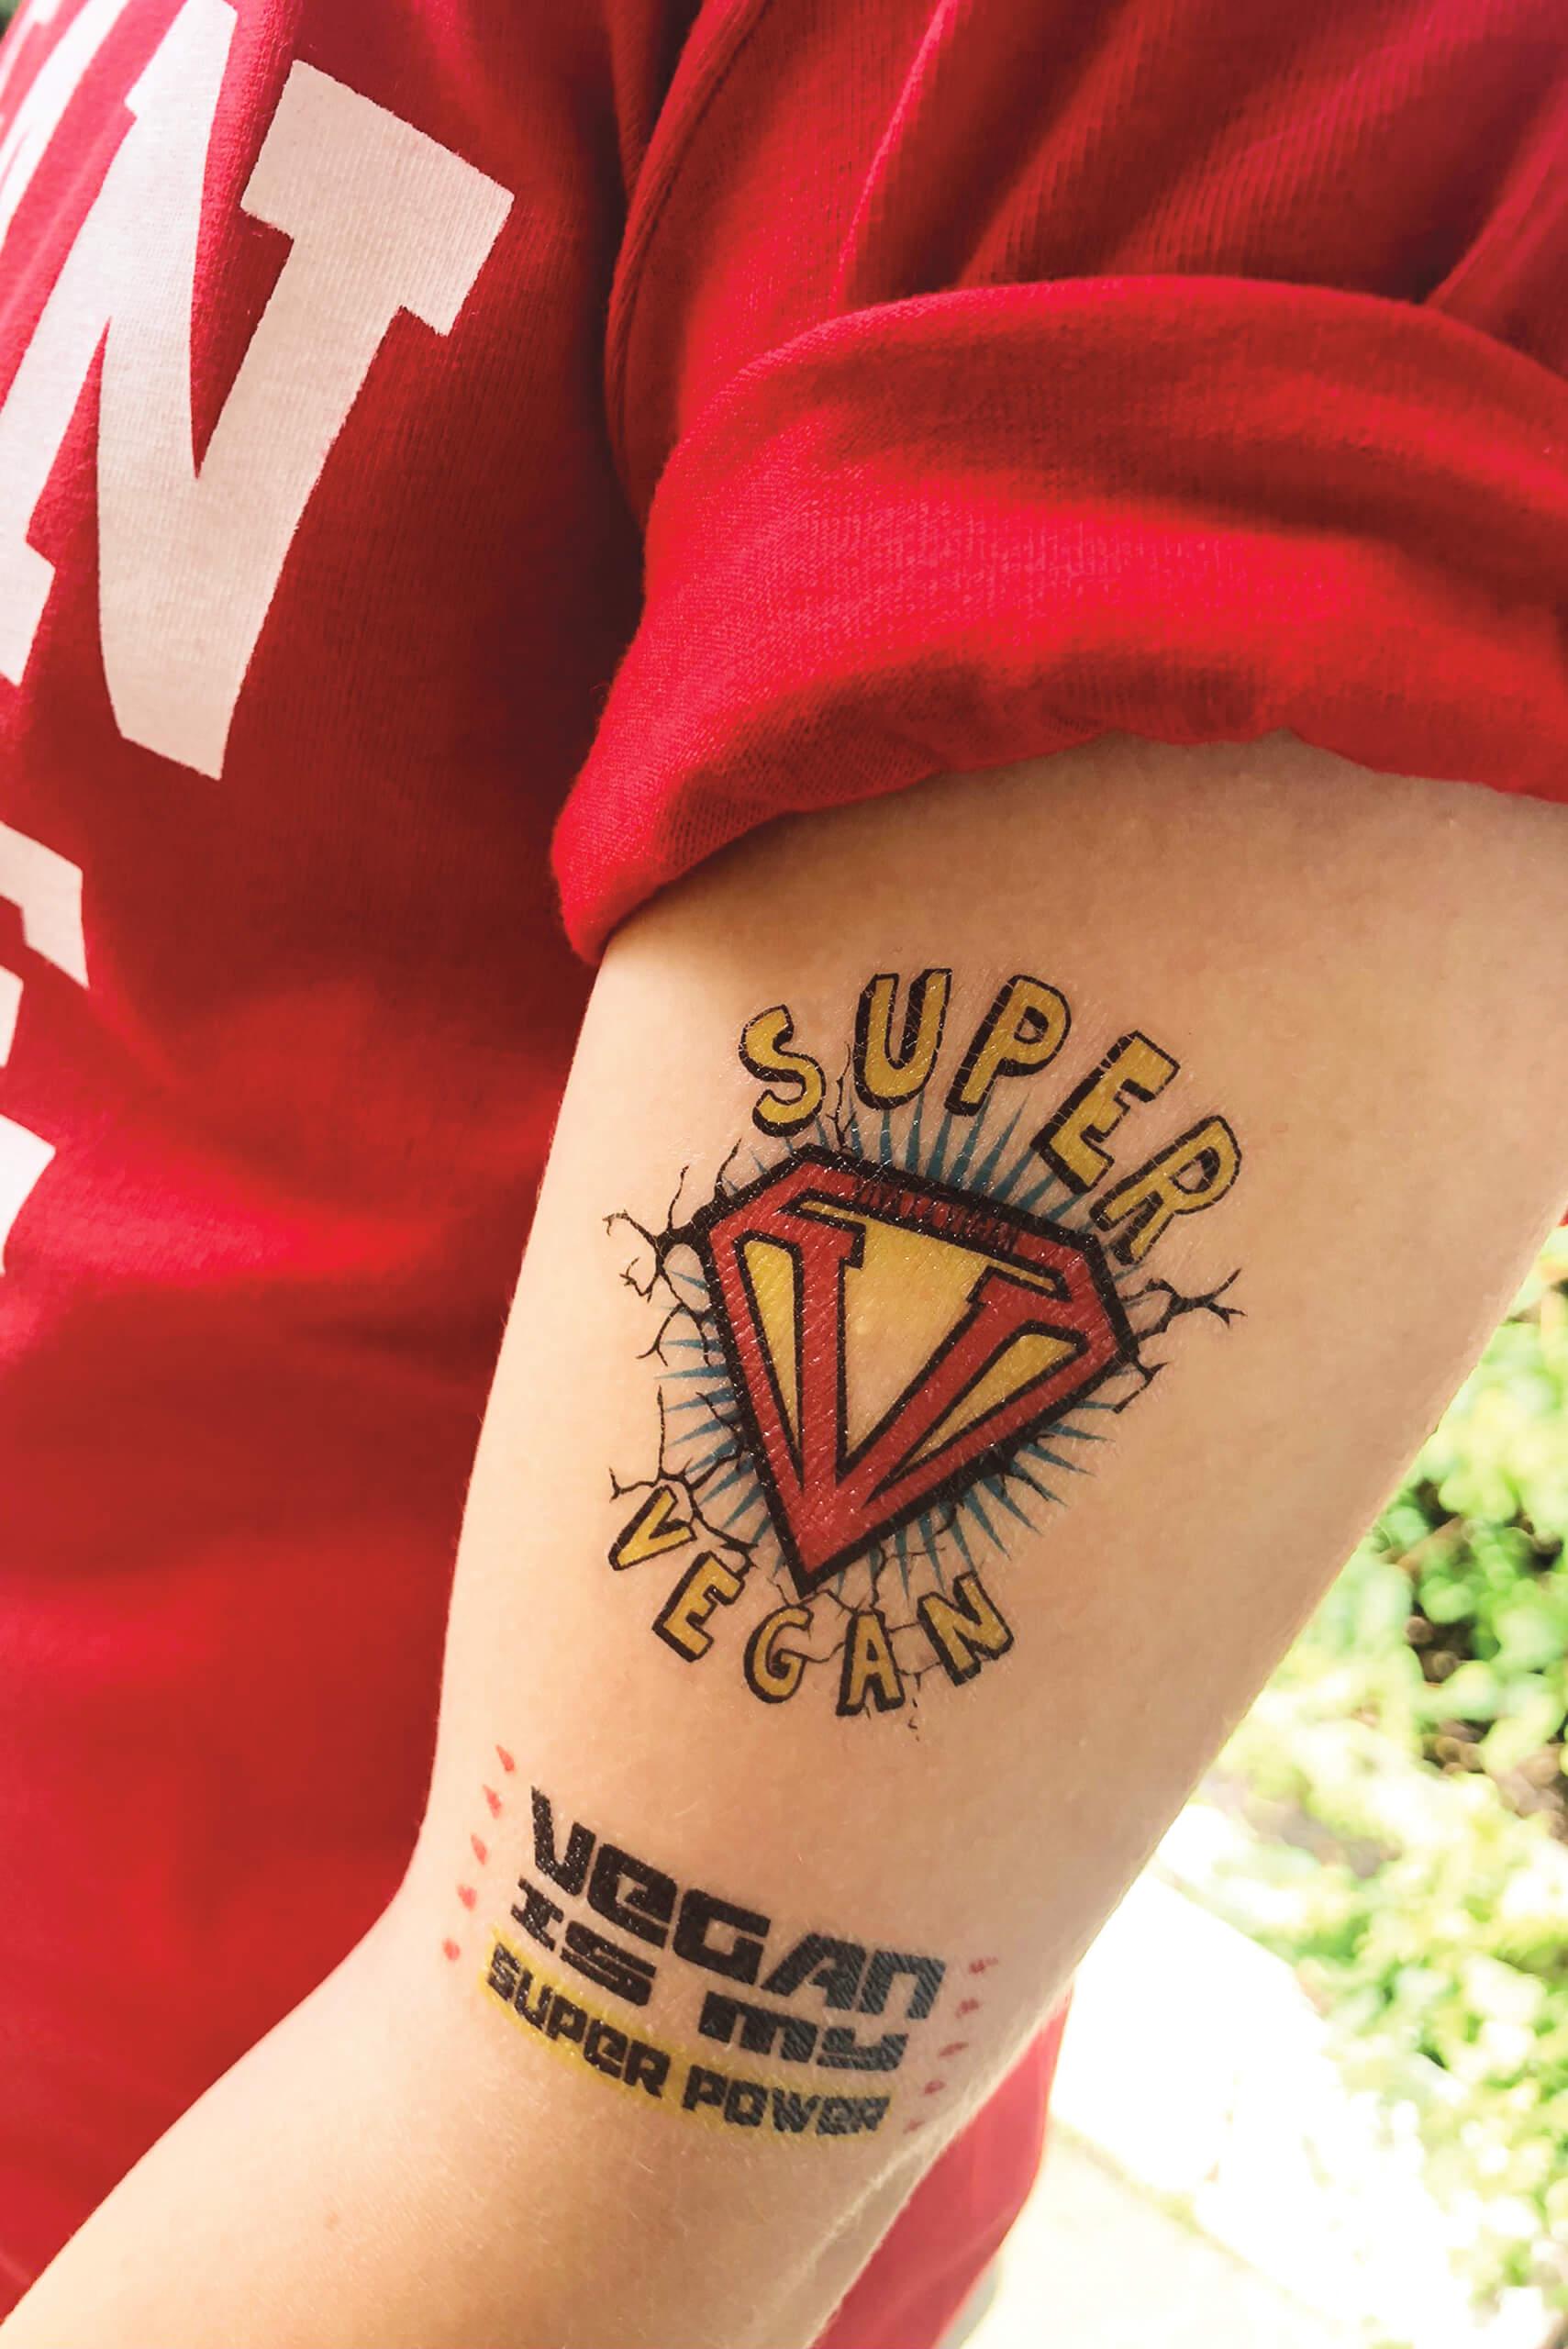 Temporary tattoo Superhero design by eco-ethical brand Viva la vegan.com